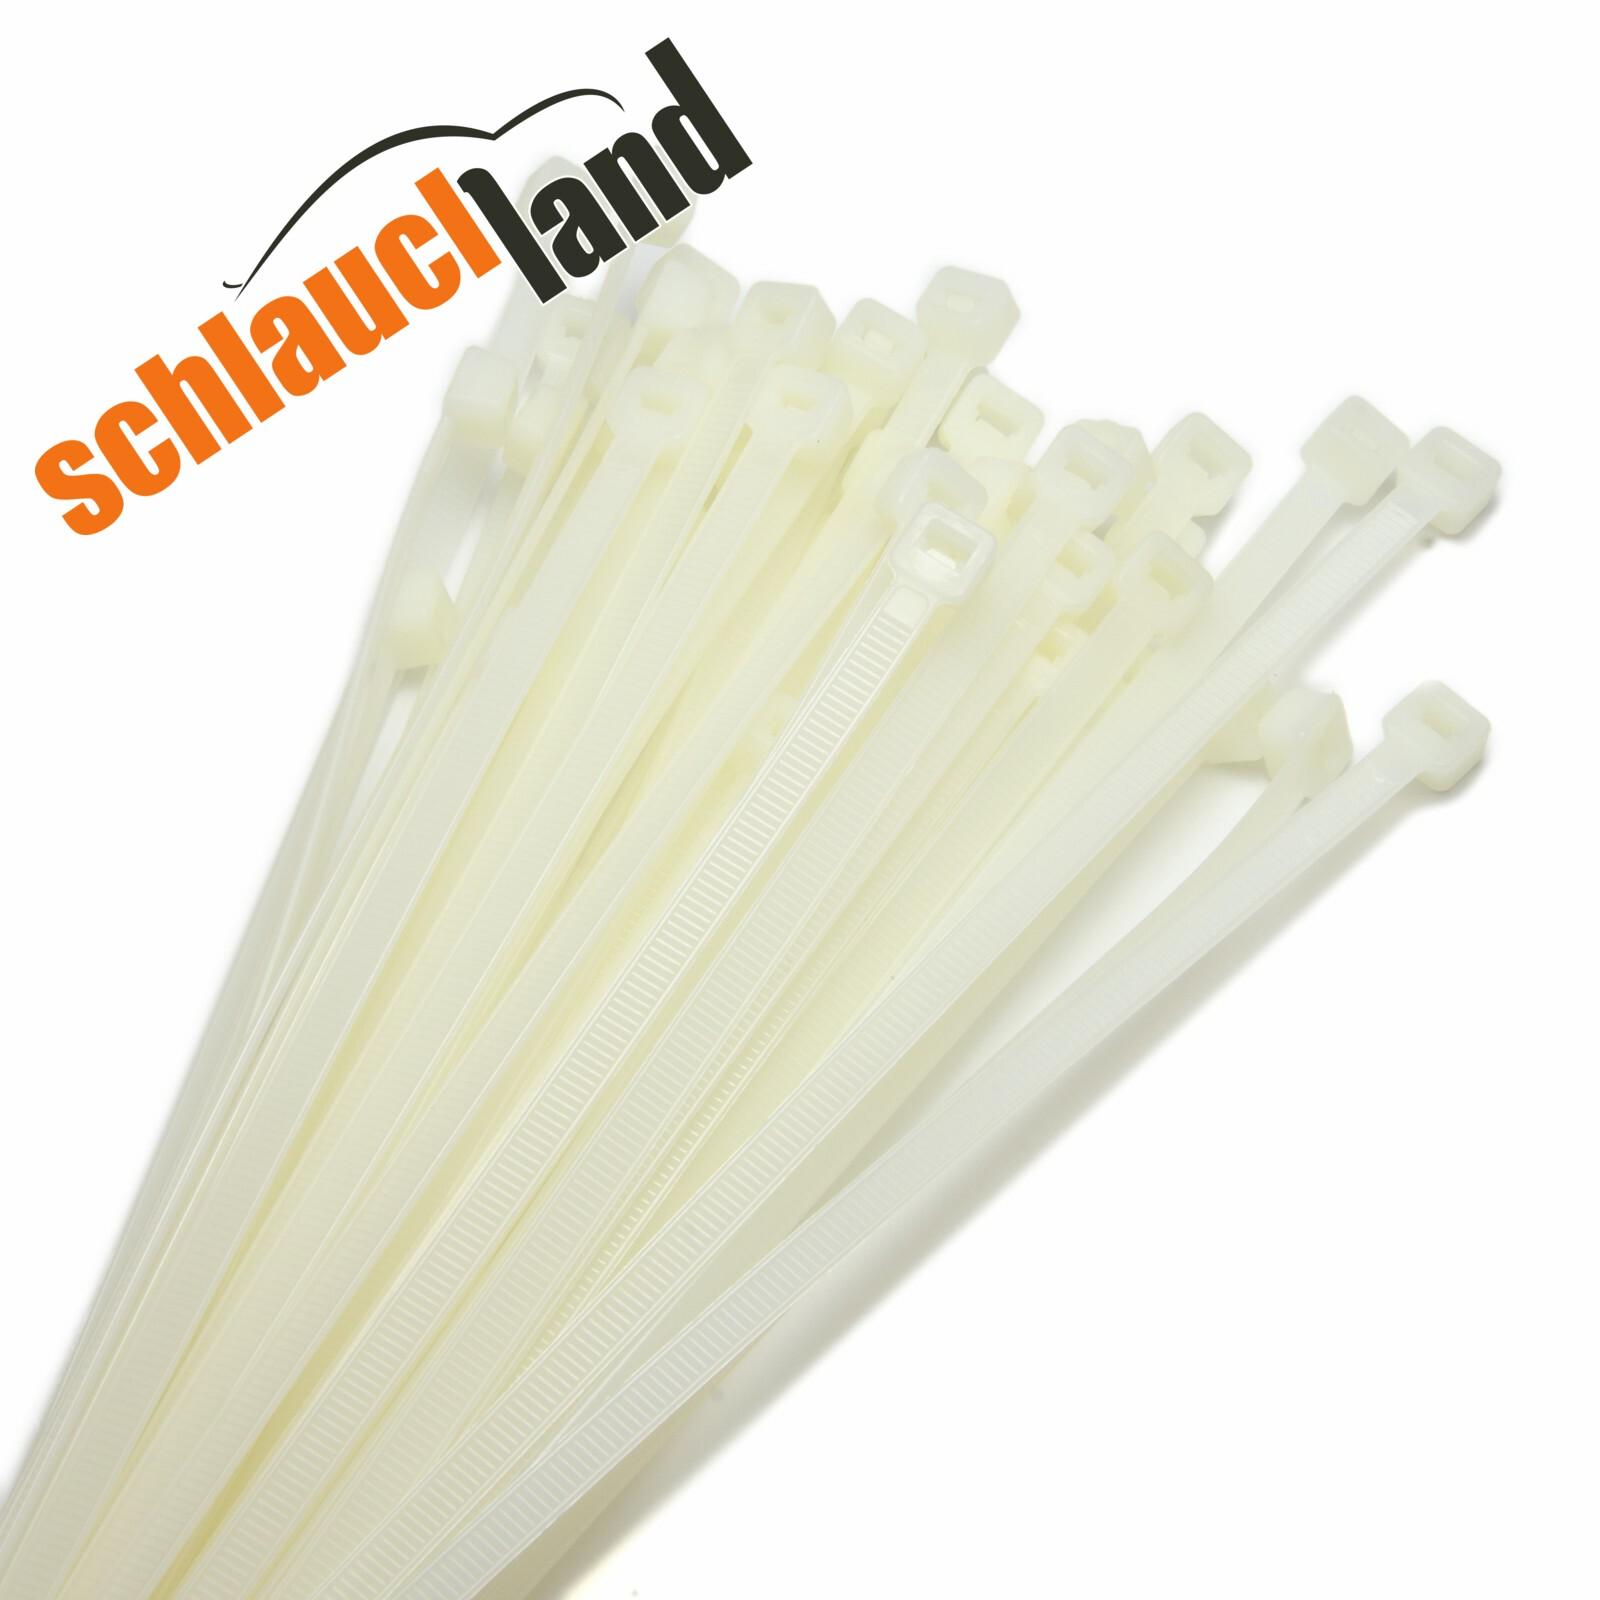 7,9 3,6 12,4mm *** 10-100cm Set 1-1000 Kabelbinder Nylon weiß 2,5 4,8